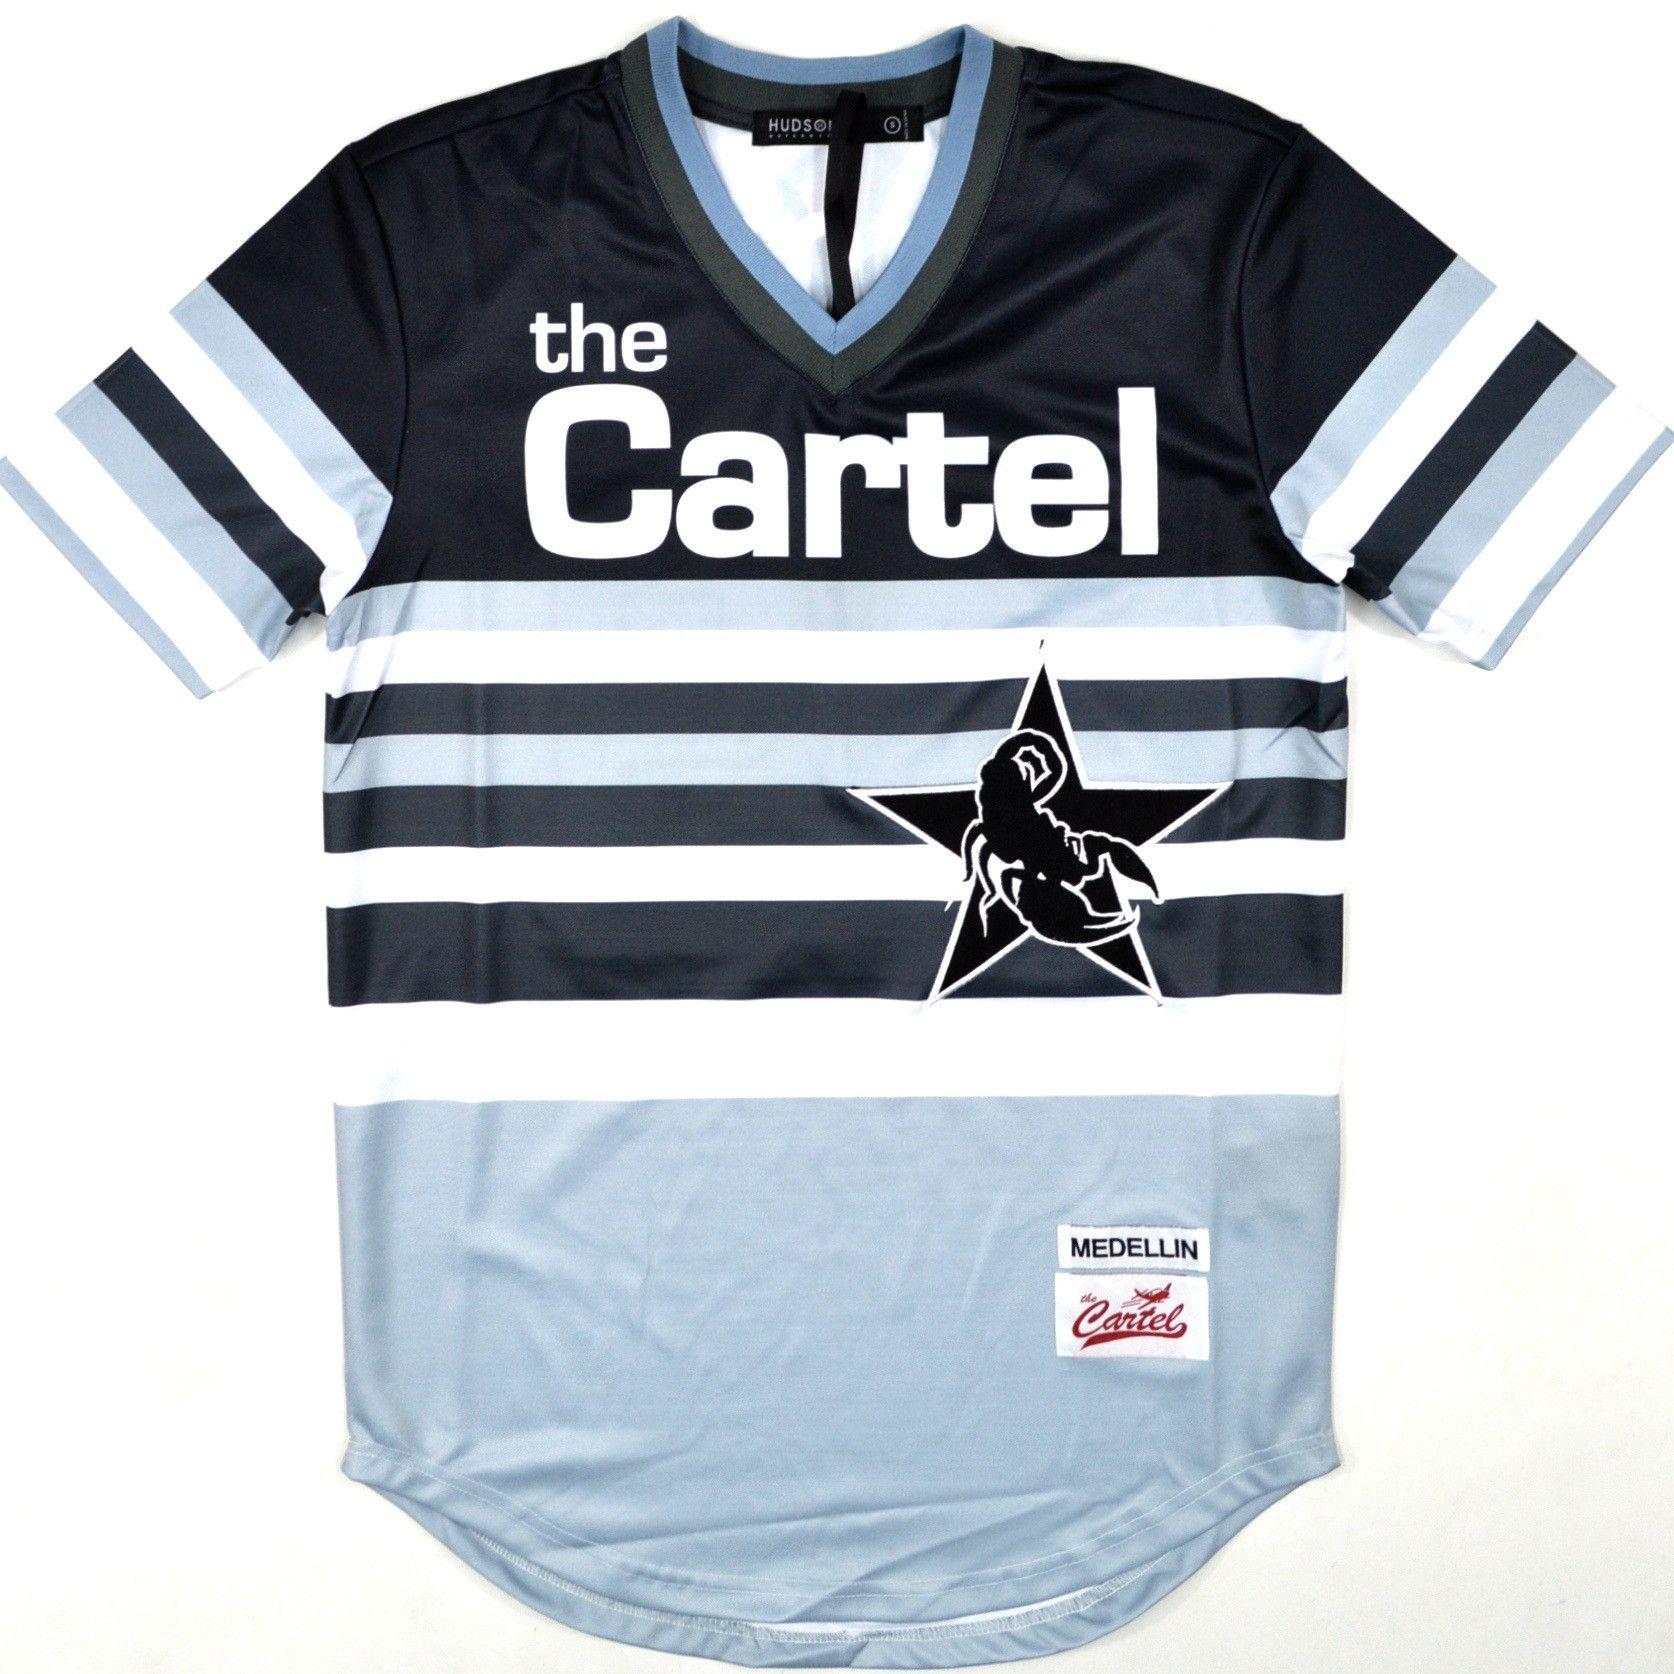 a3e280ce HUDSON THE CARTEL ESCOBAR 49 JERSEY | Jersey | Grey sweater, Sports ...